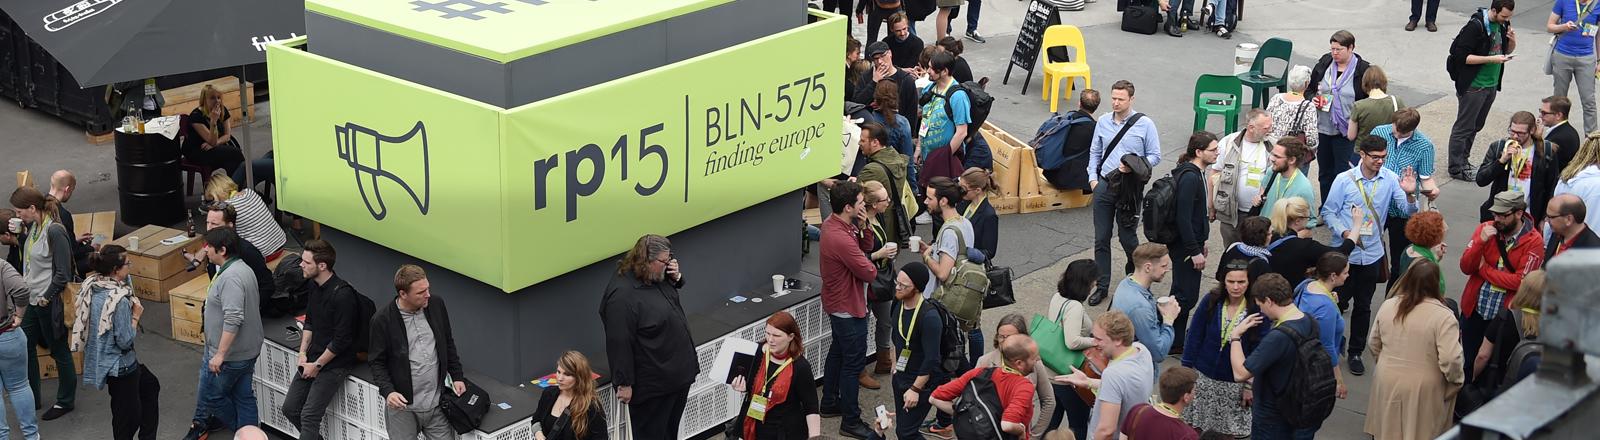 """Besucher strömen am 05.05.2015 zur Internetkonferenz Re:publica in Berlin. Die Konferenz läuft vom 05.05.2015 bis 07.05.2015 unter dem Motto """"Finding Europe""""."""